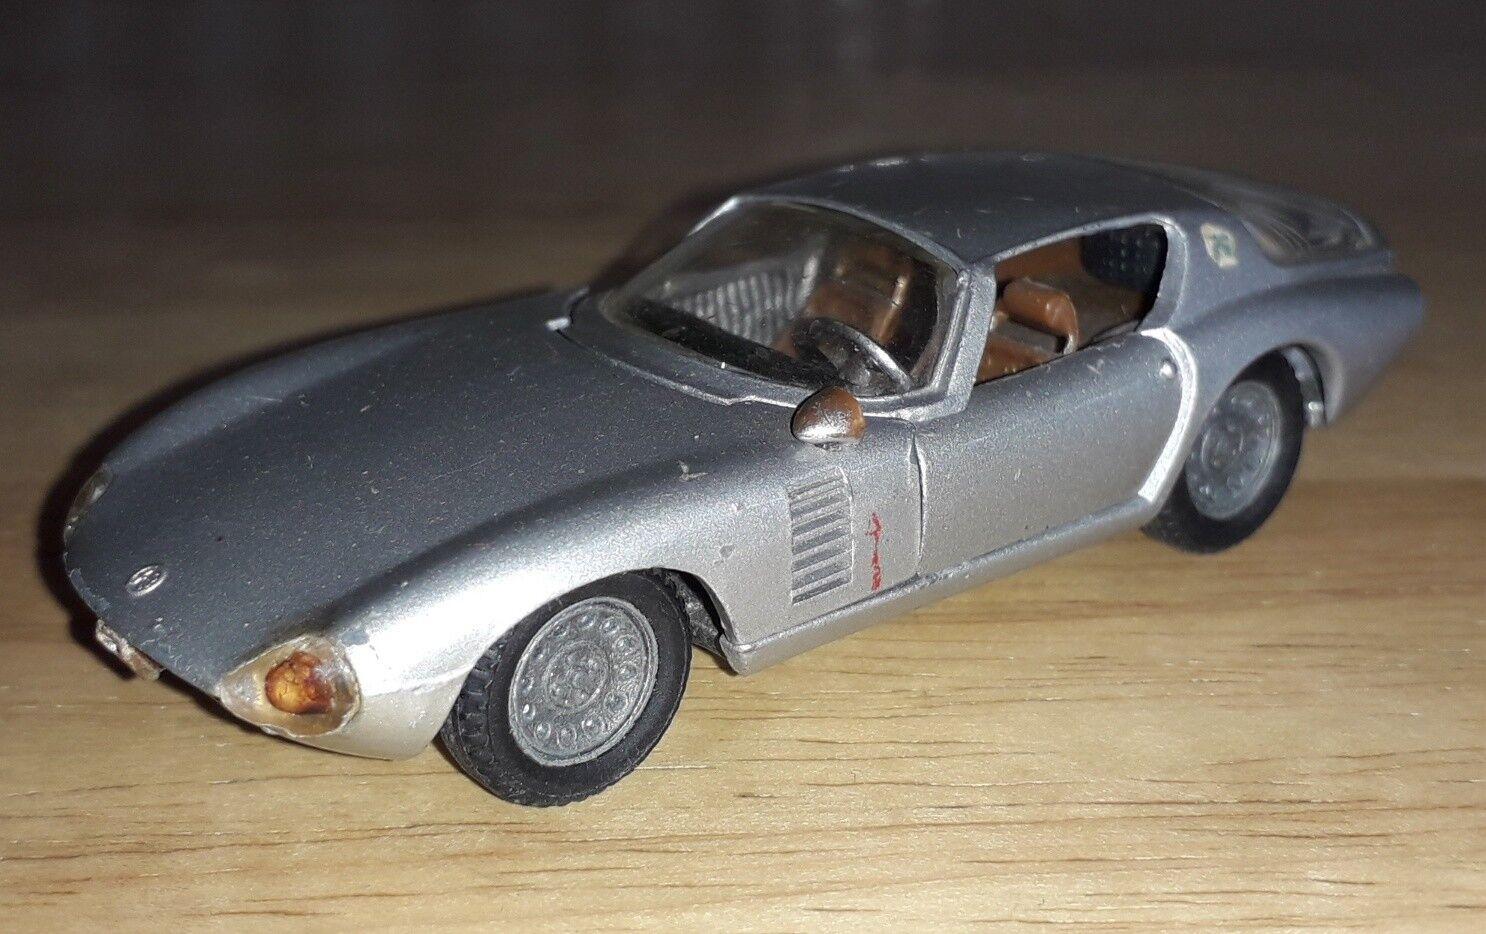 Politoys M 529 Alfa Romeo Giulia 1600 Canguro Original Diecast Model (ODD003)